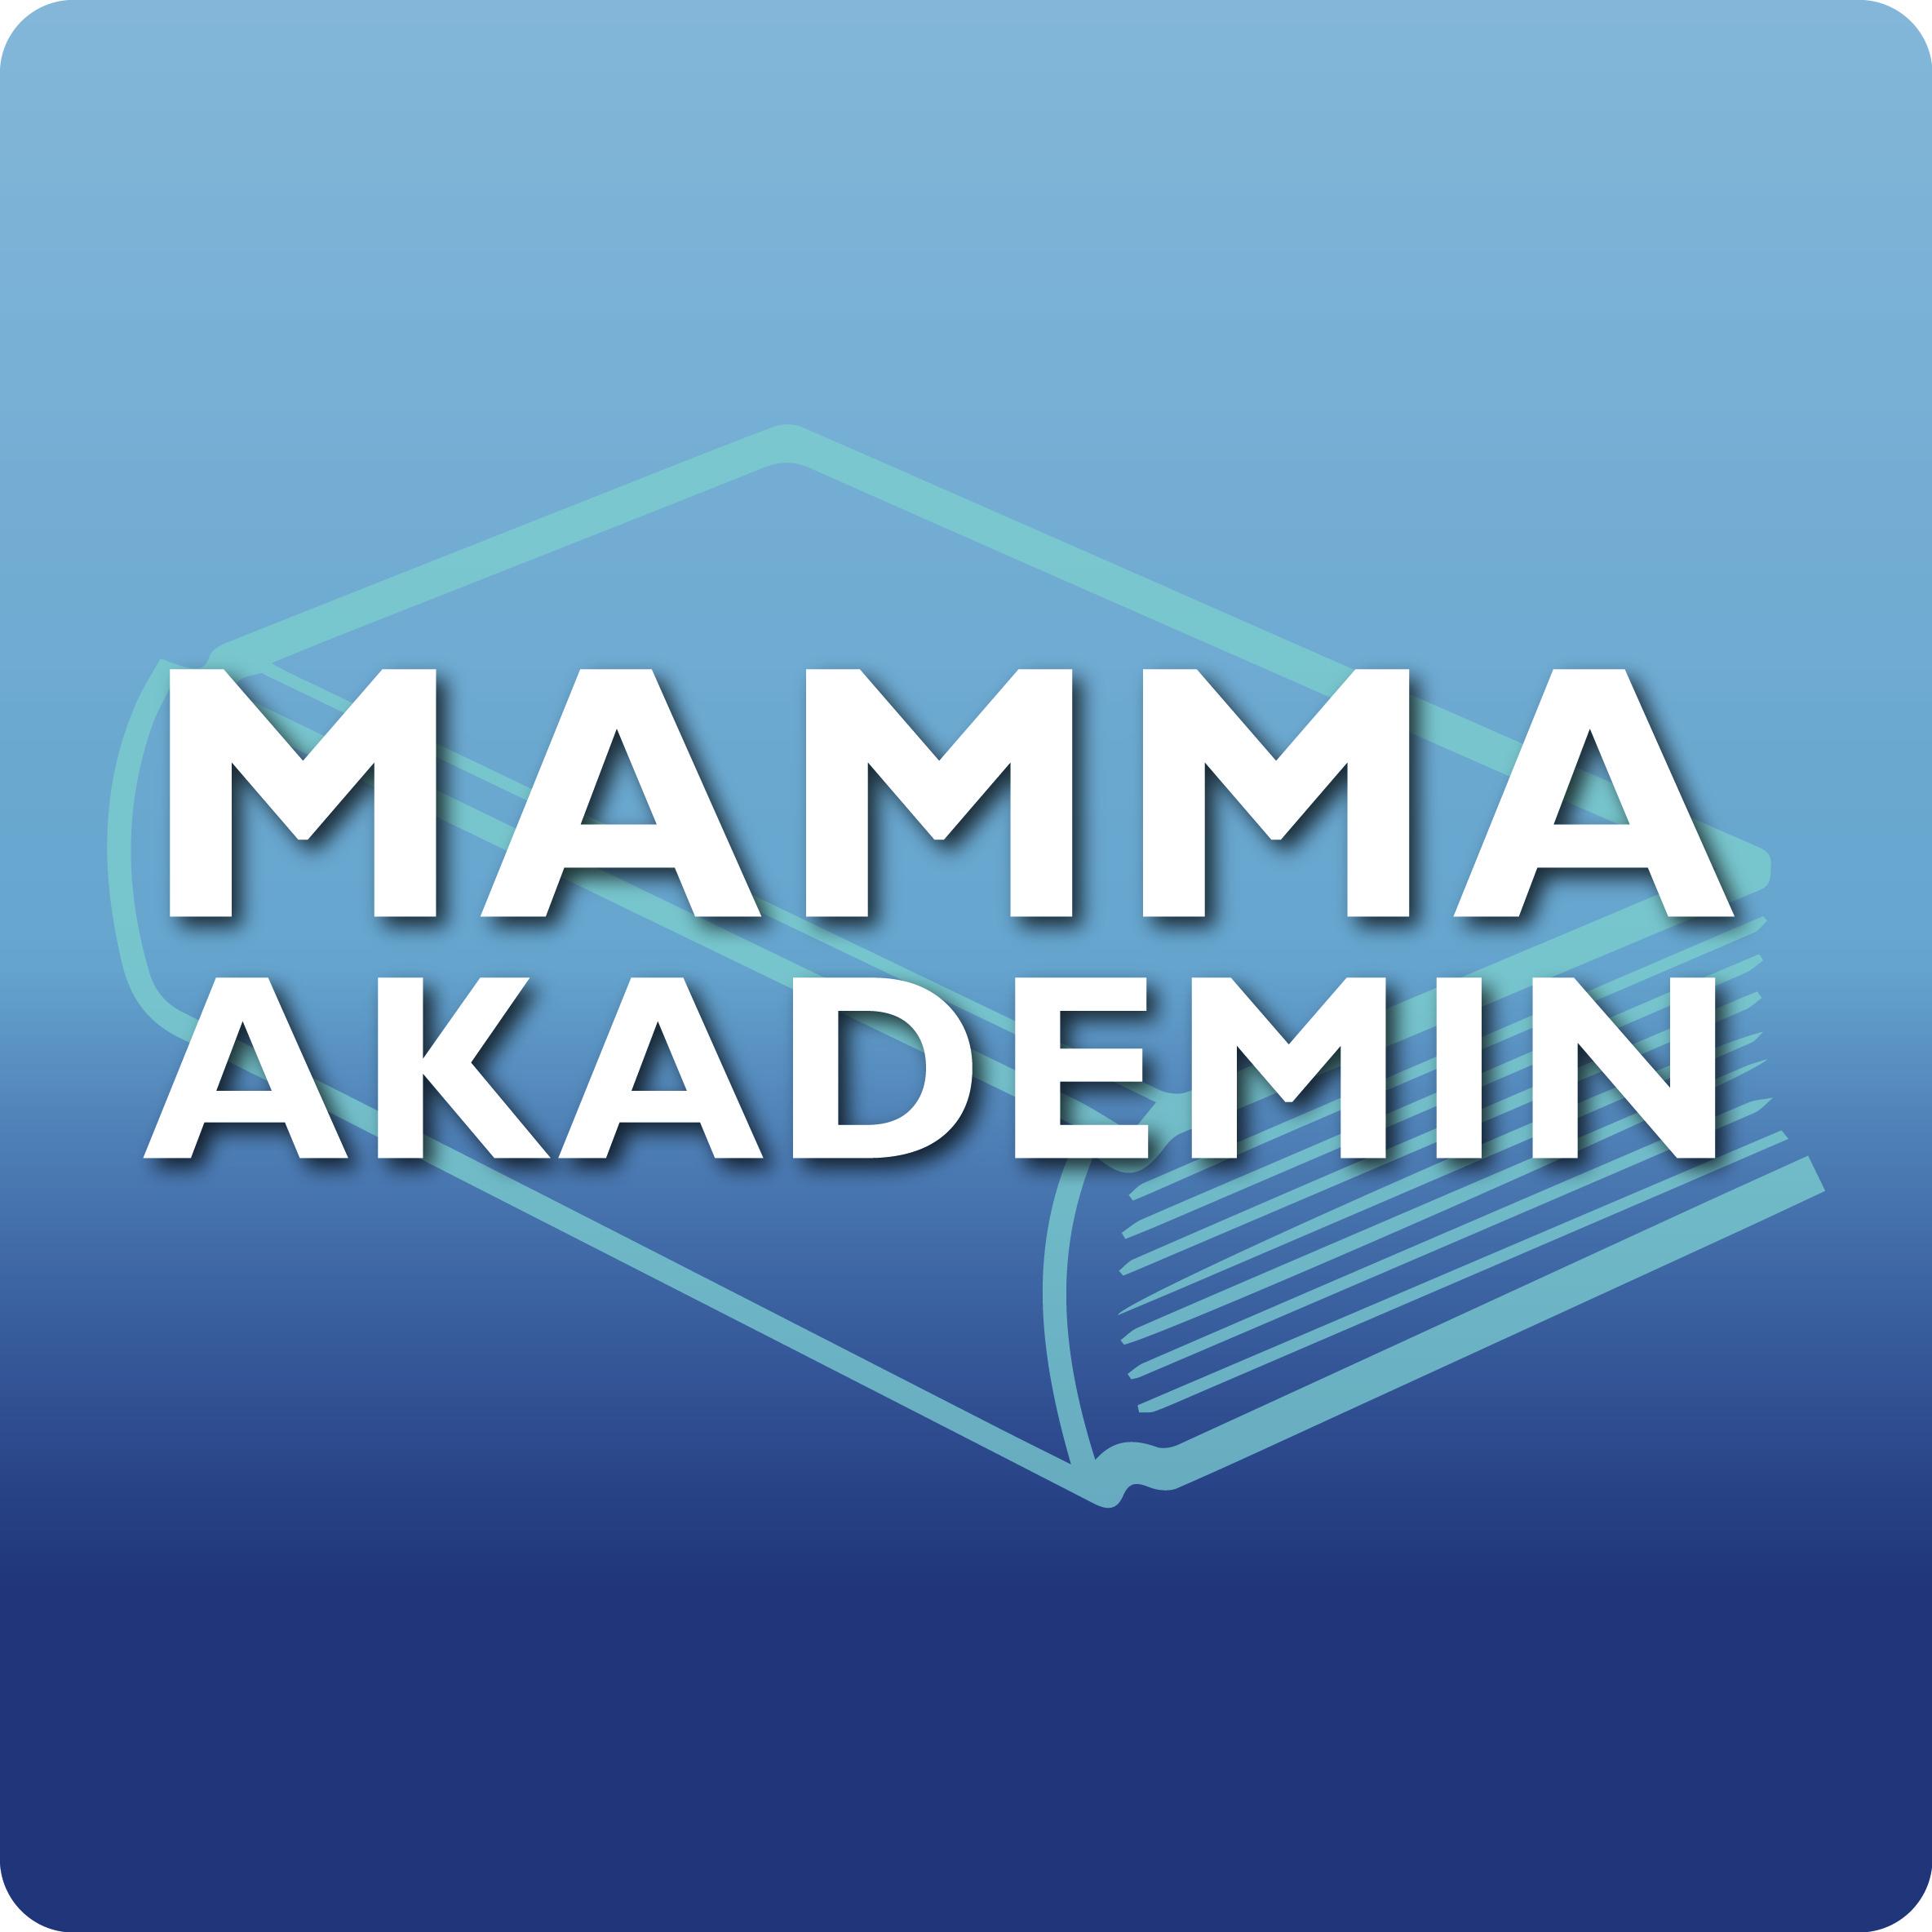 MammaAkademin